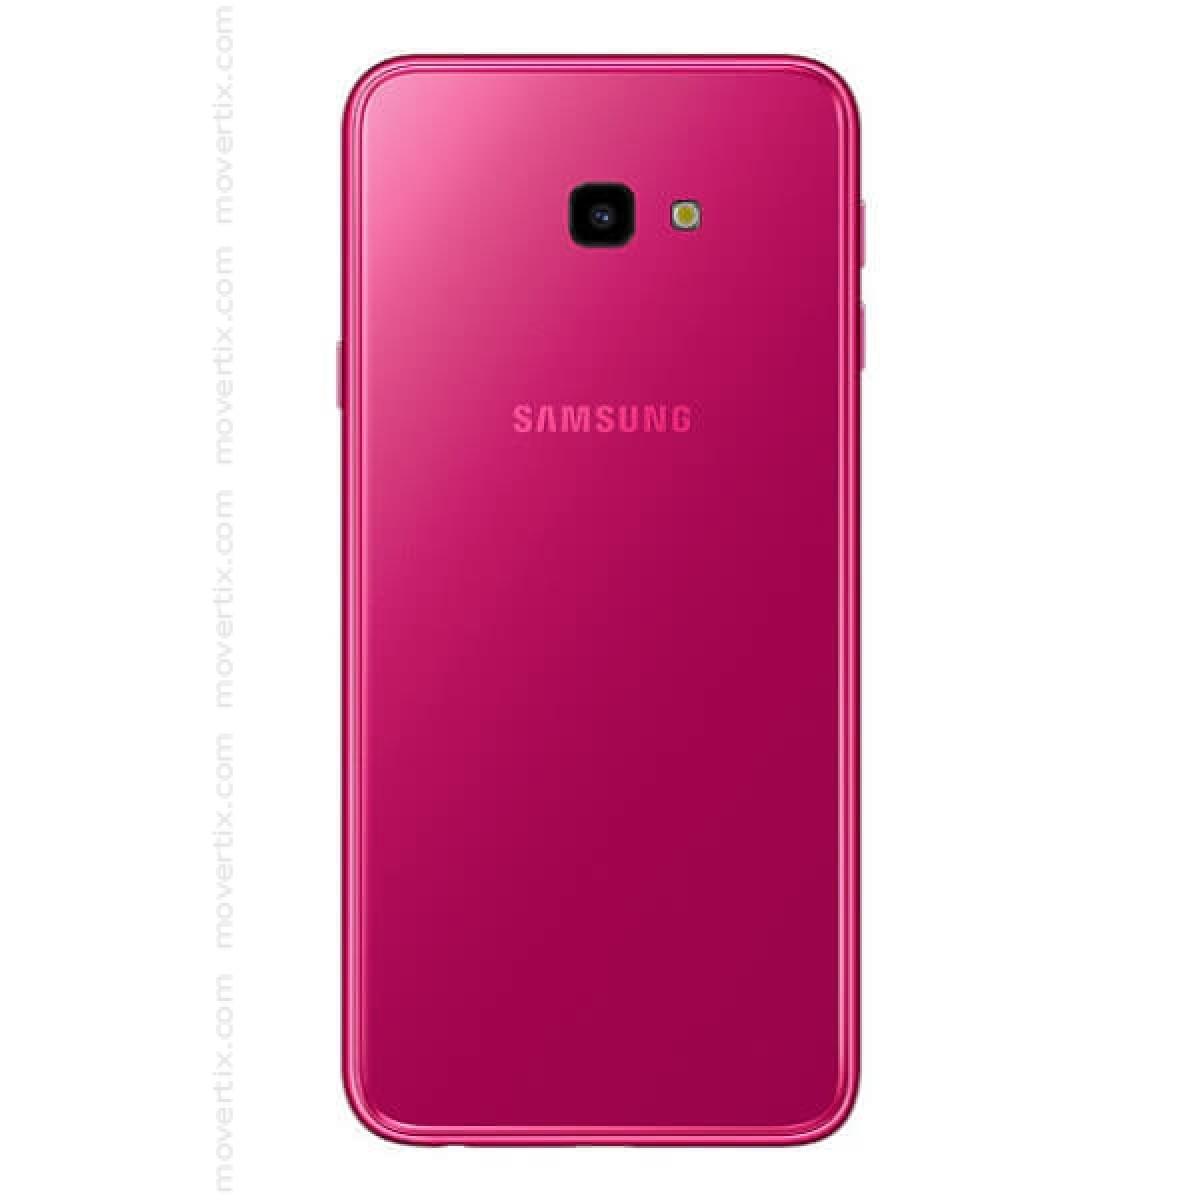 b0f77bc82 El Samsung Galaxy J4 Plus (2018) de color rosa es un smartphone Dual SIM  asequible y con unas características más que notables  pantalla HD de 6  pulgadas